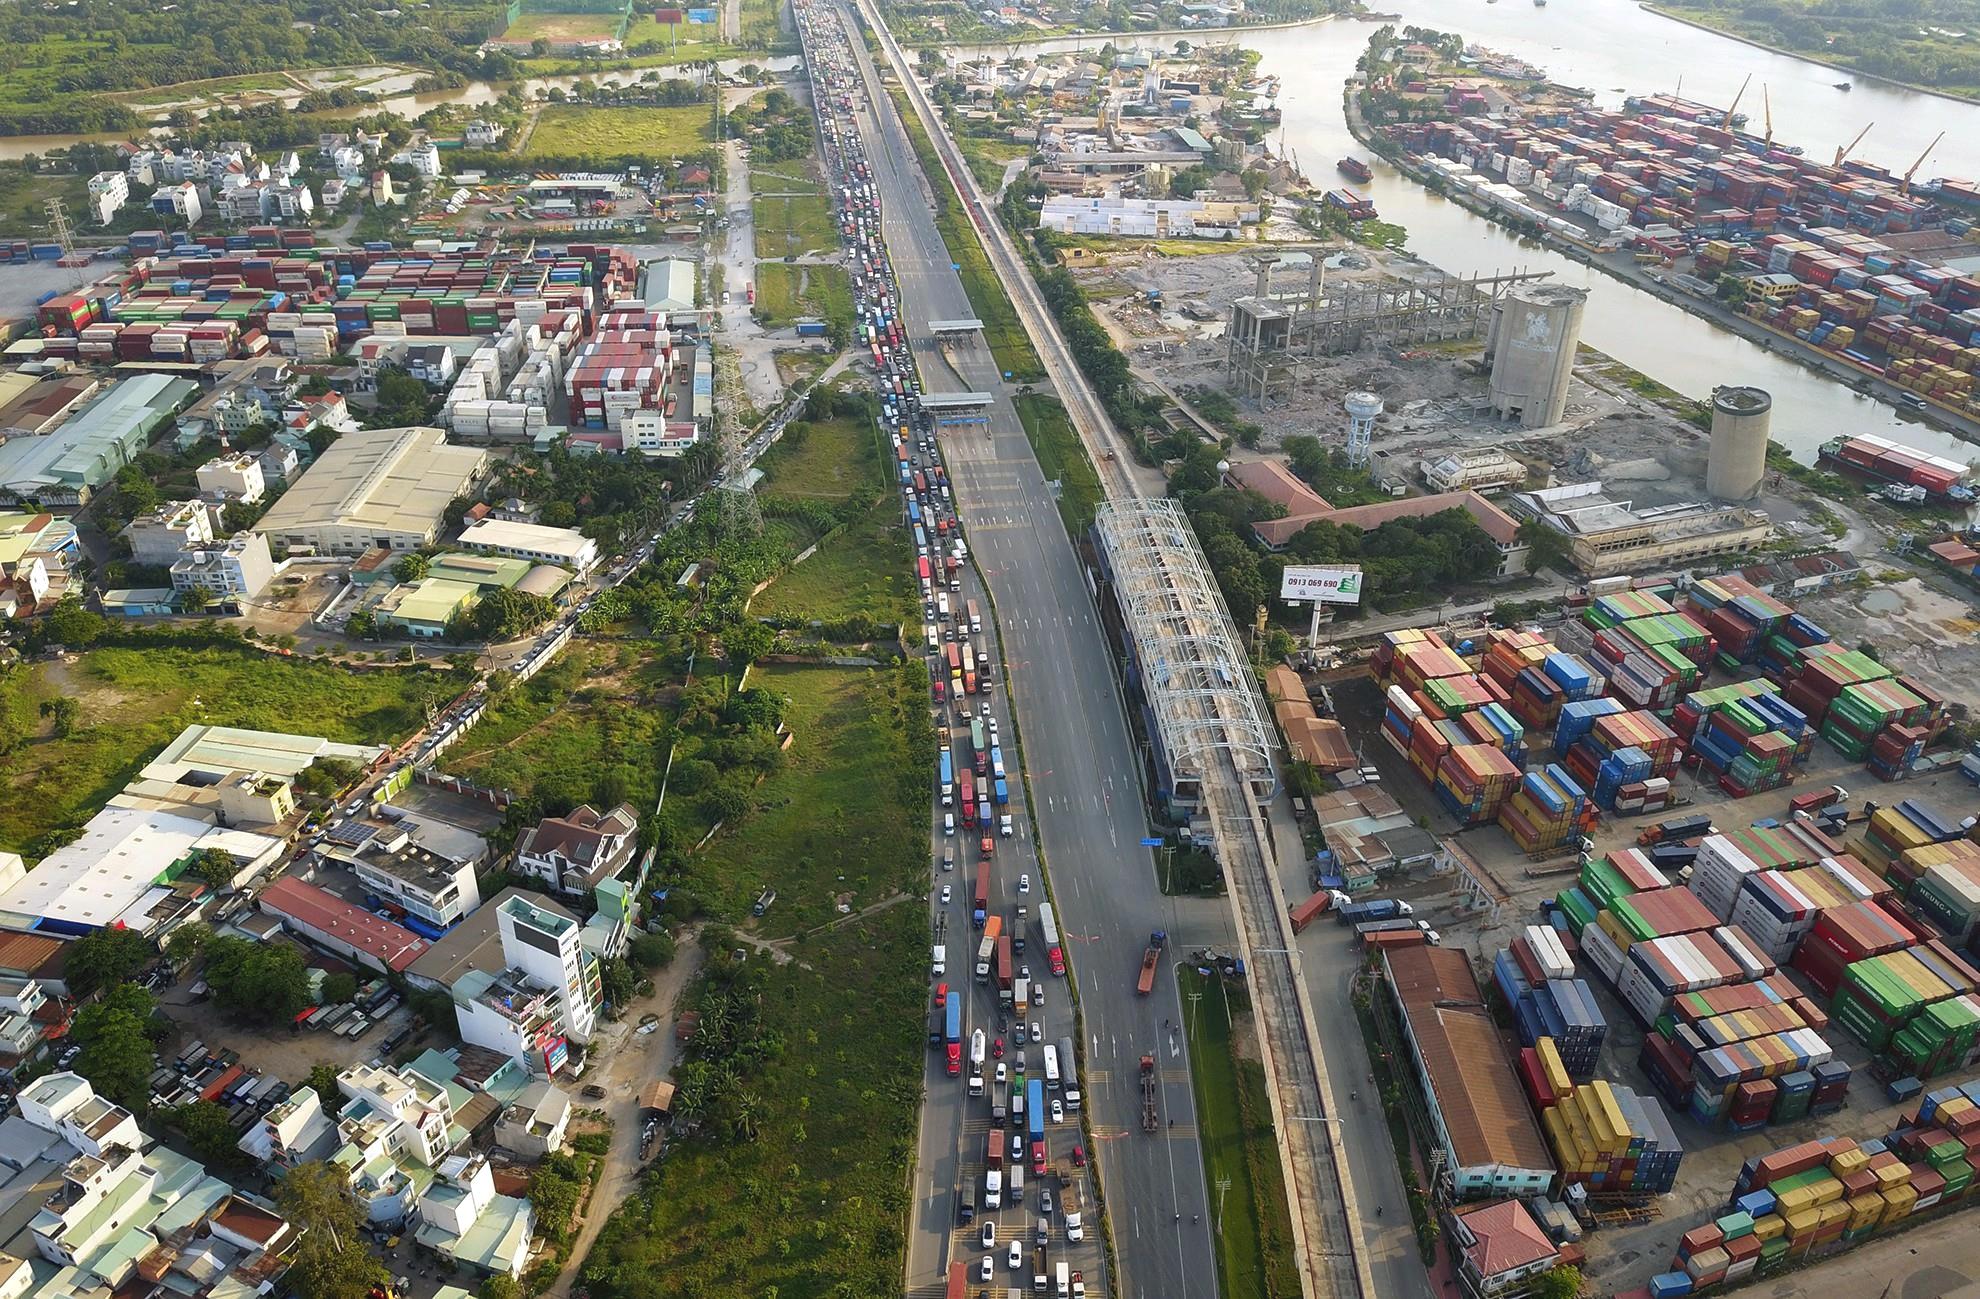 TP HCM kéo dài thời gian hoạt động 5 cảng thủy nội địa của khu cảng Trường Thọ đến năm 2022 - Ảnh 1.